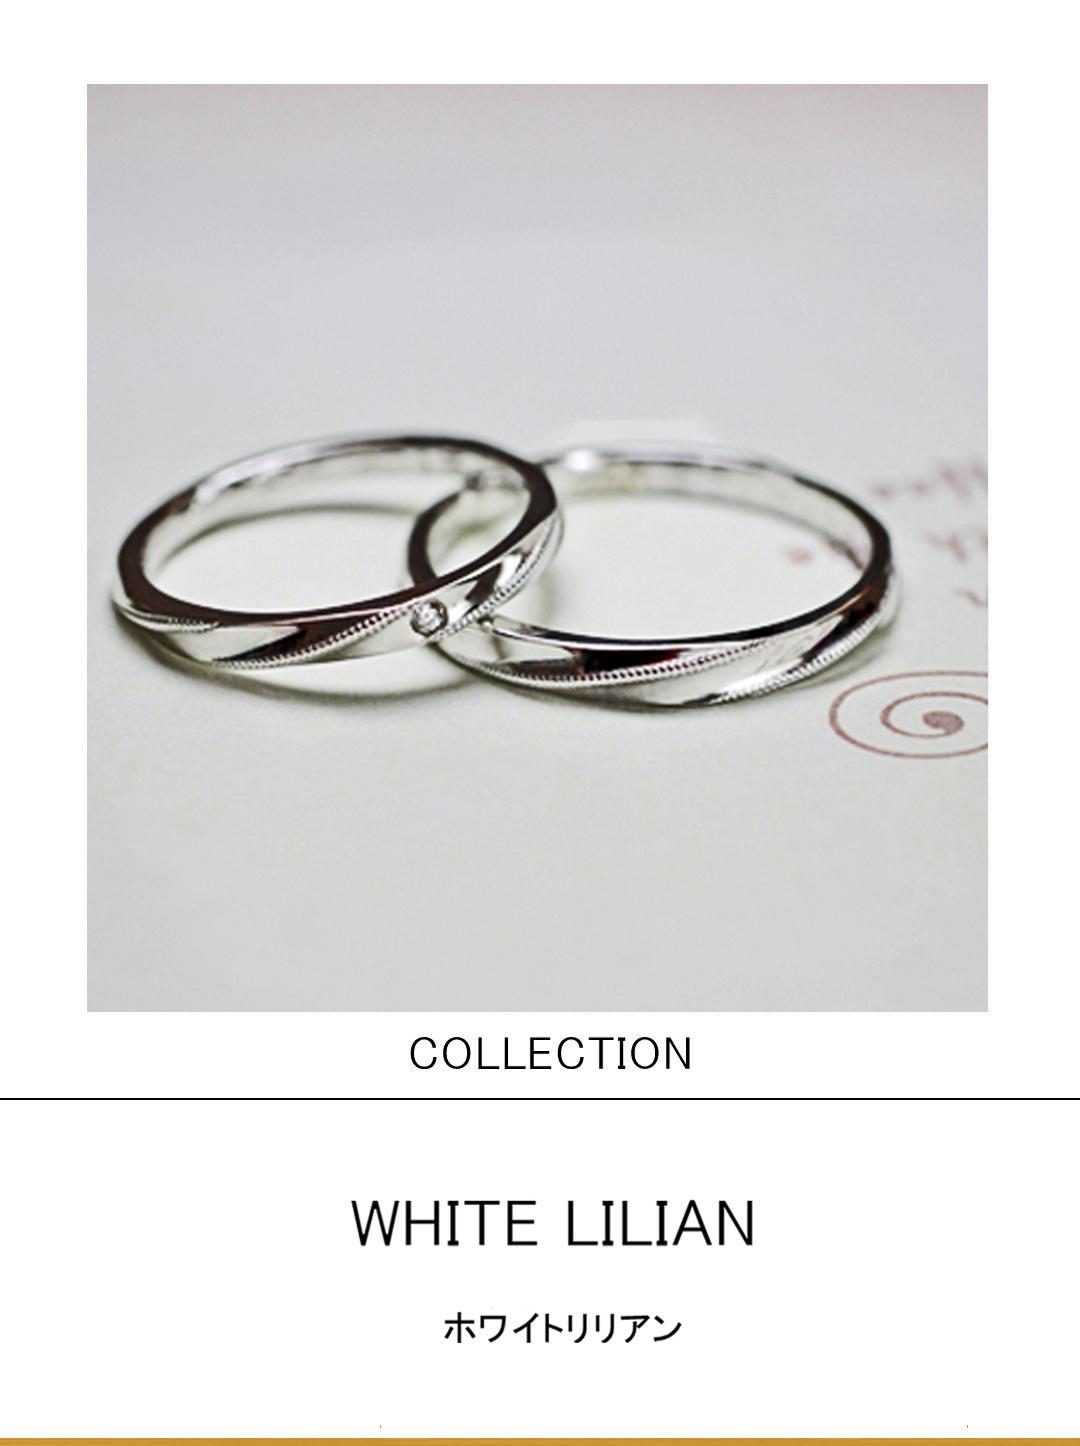 ホワイトの細いより糸をプラチナでデザインした結婚指輪コレクションのサムネイル